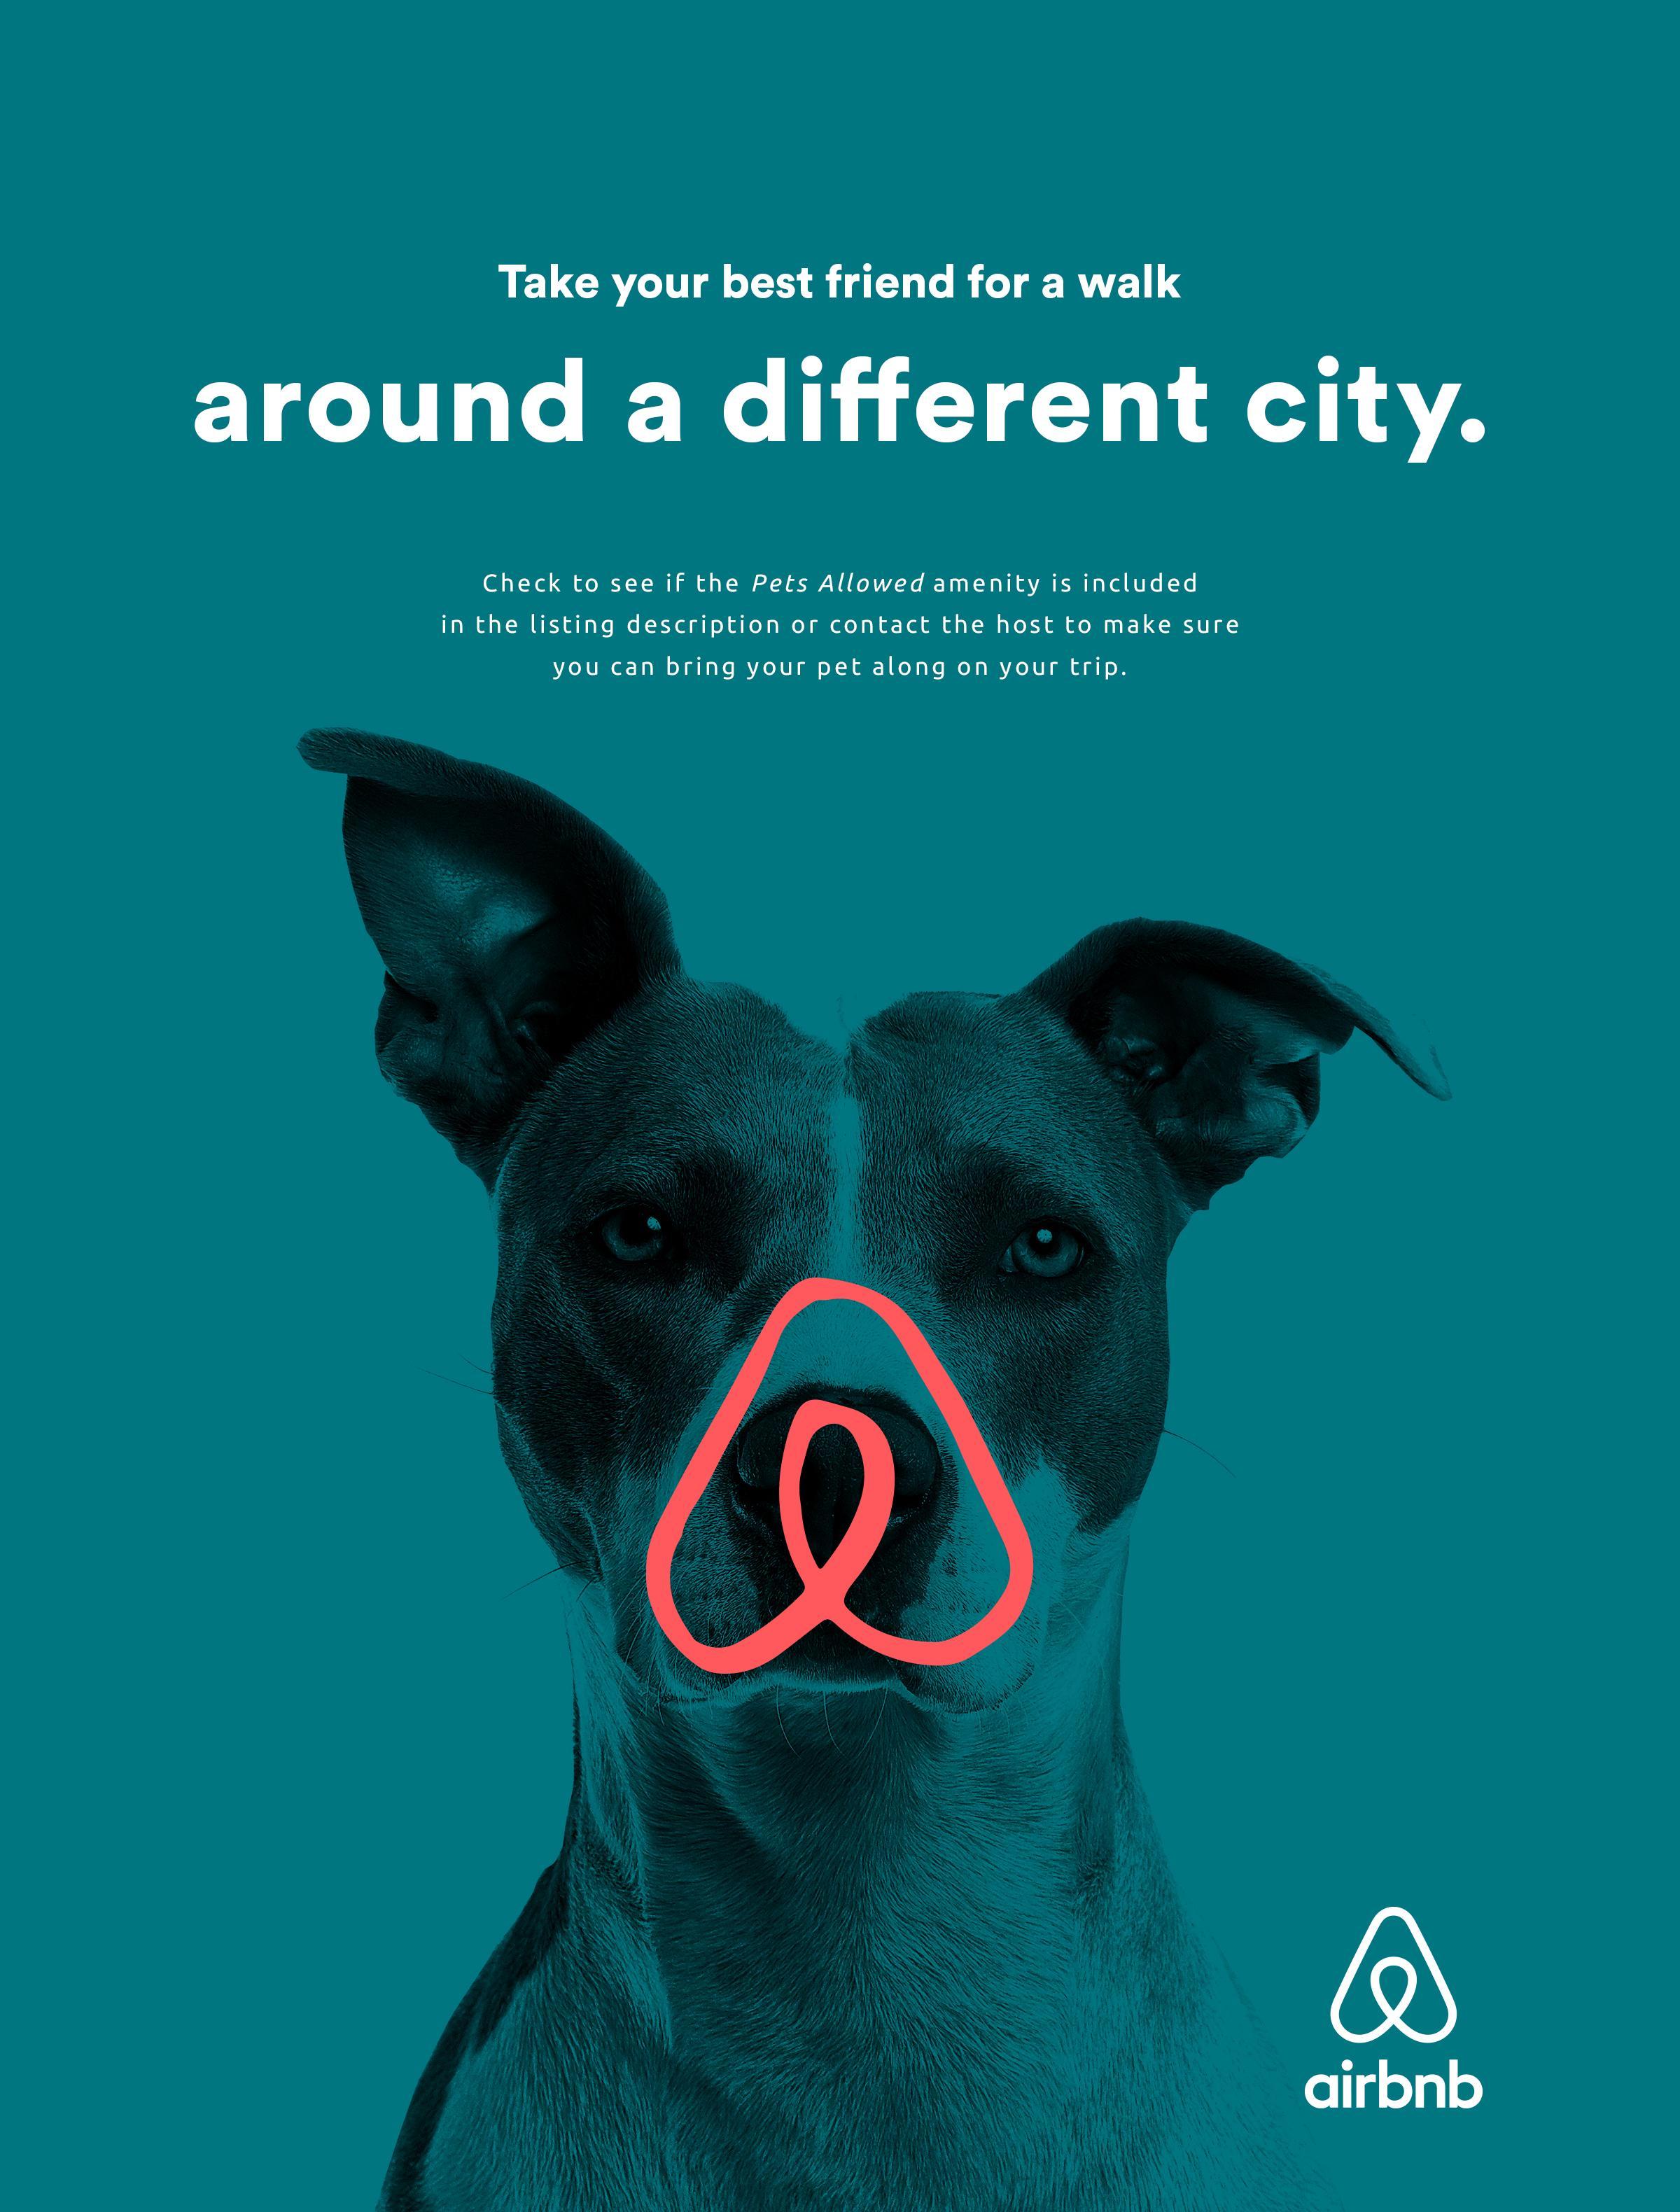 Airbnb Outdoor Ad - Best Friend, 2